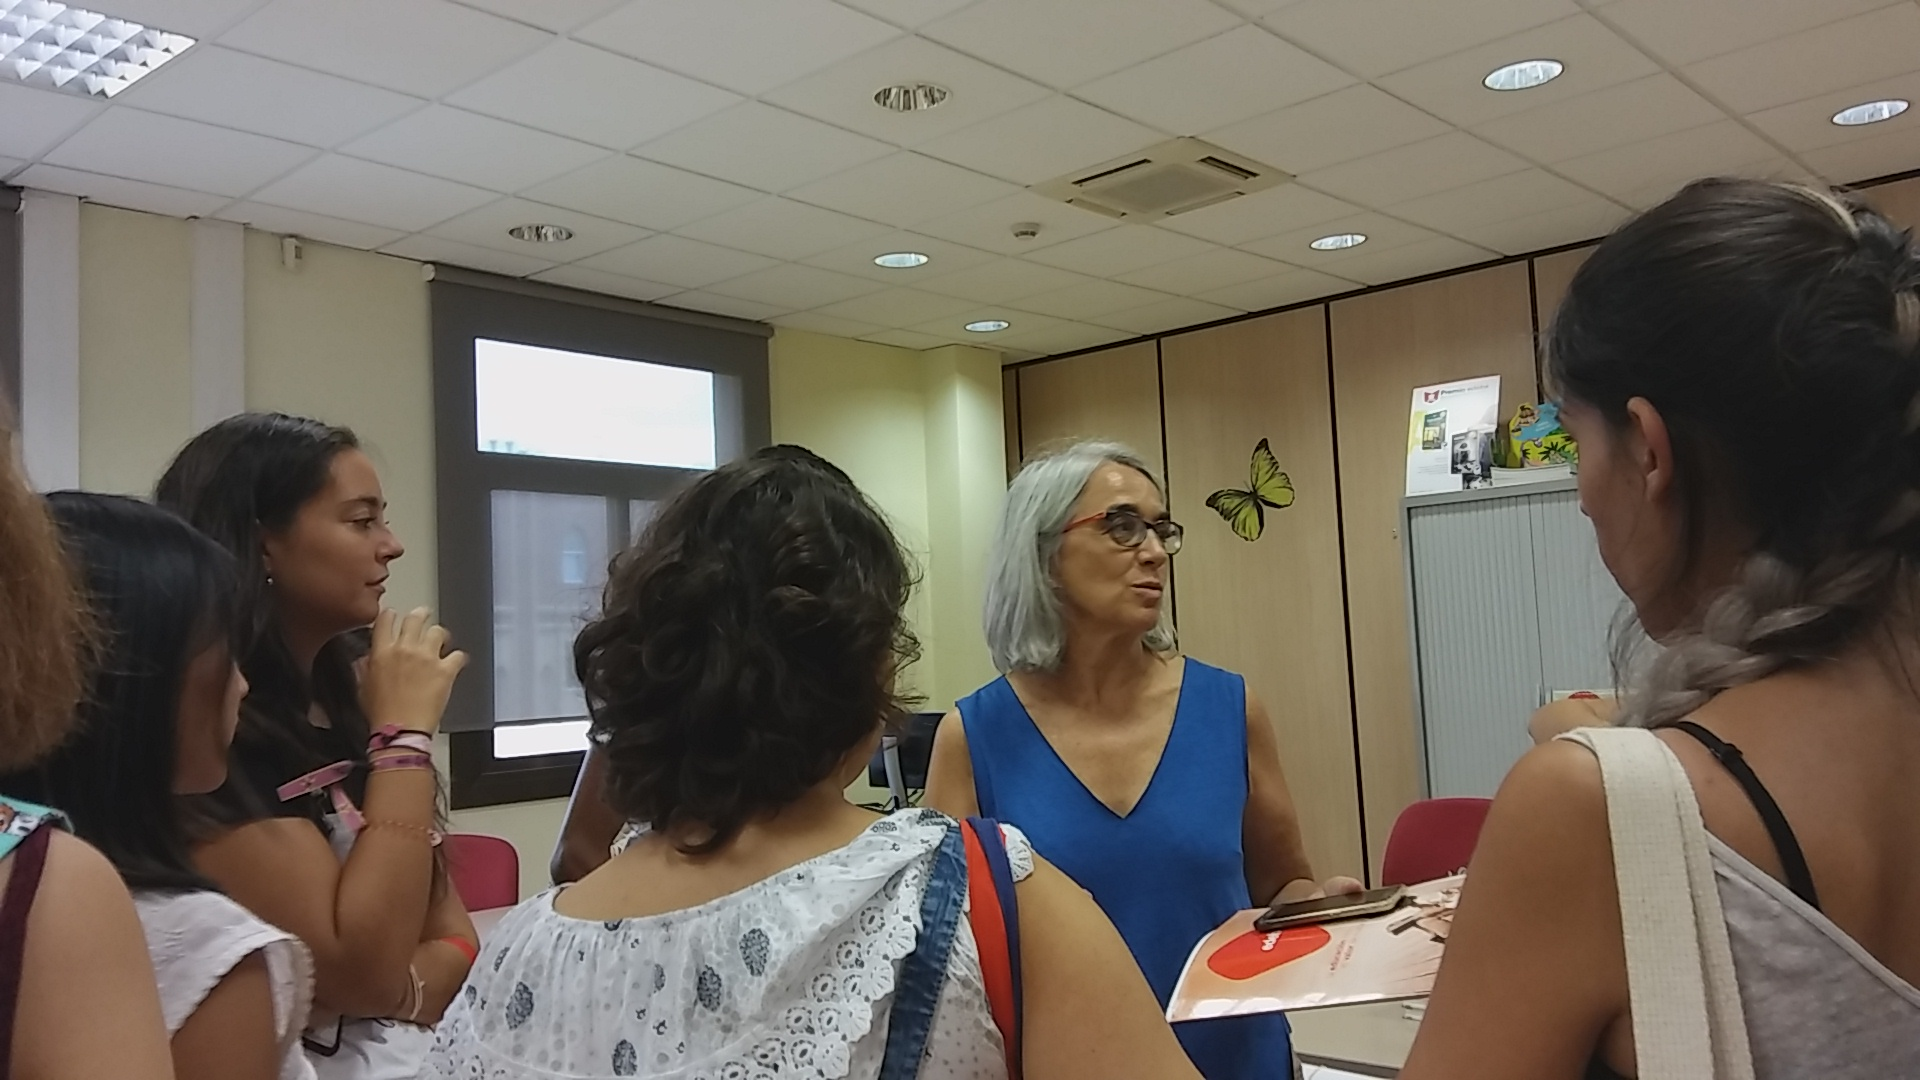 Visita guiada per l'editorial